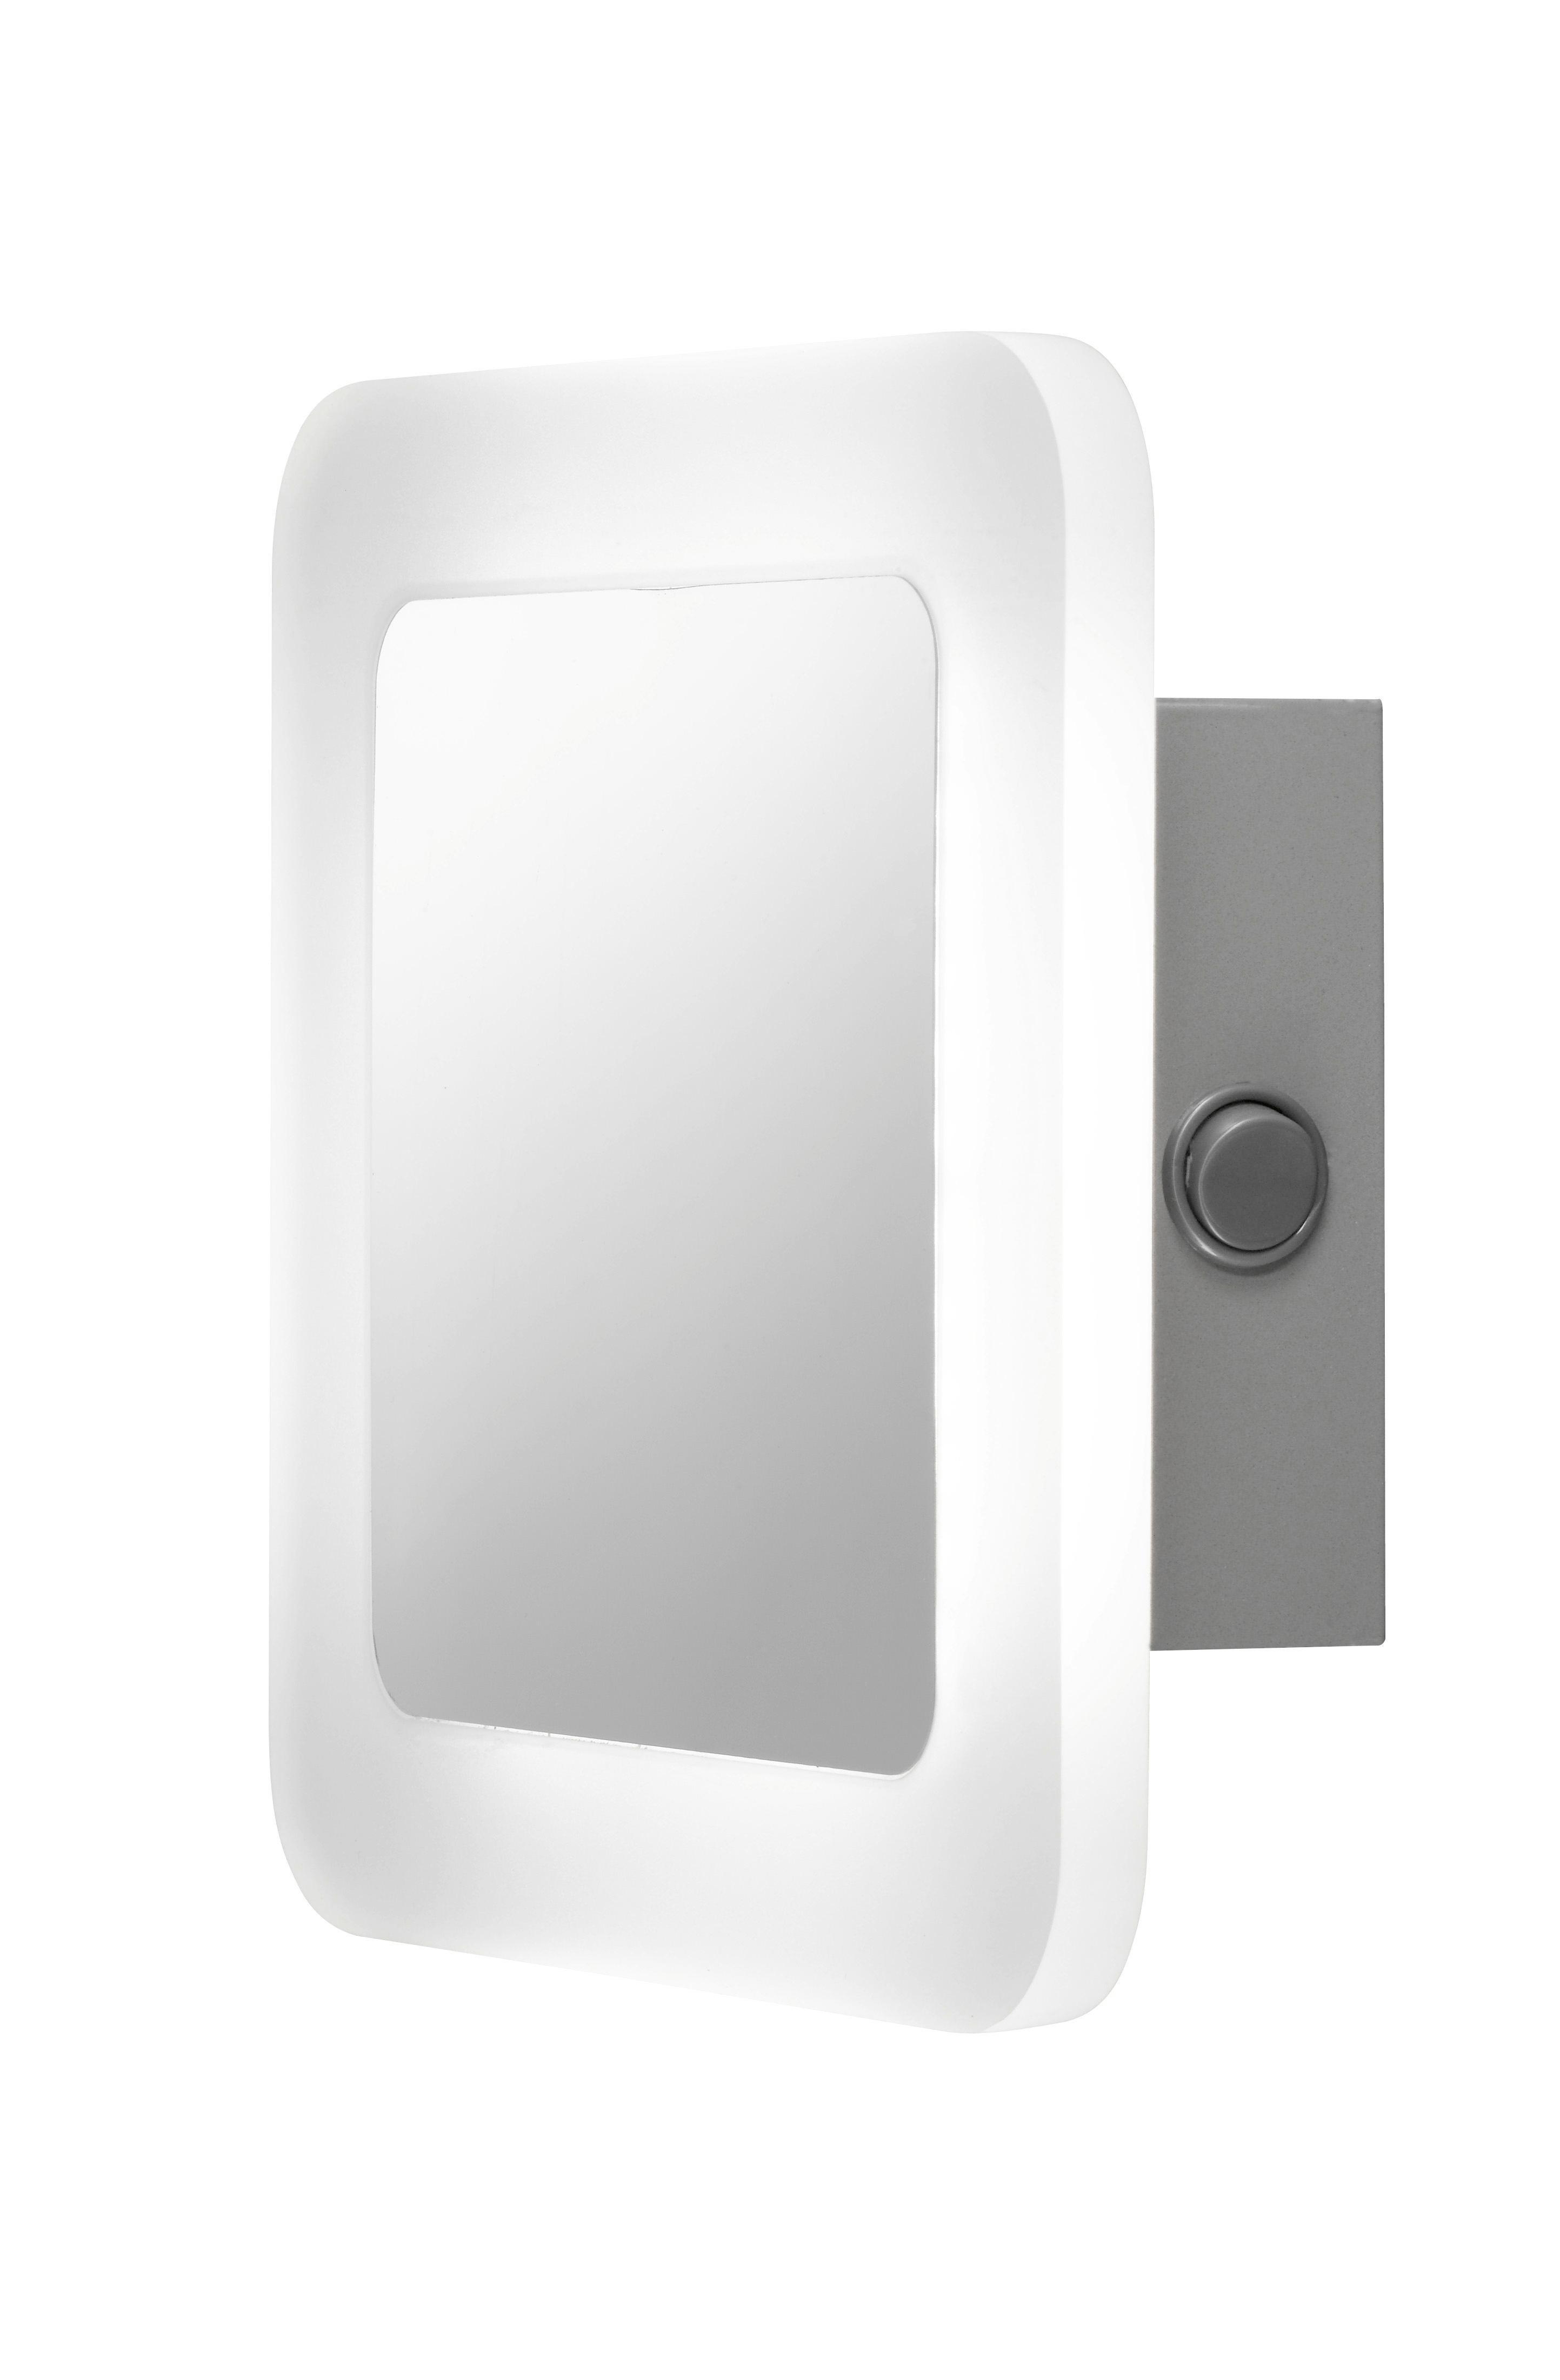 LED-WANDLEUCHTE - Chromfarben, Design, Kunststoff/Metall (17,5/6,5/17,5cm)